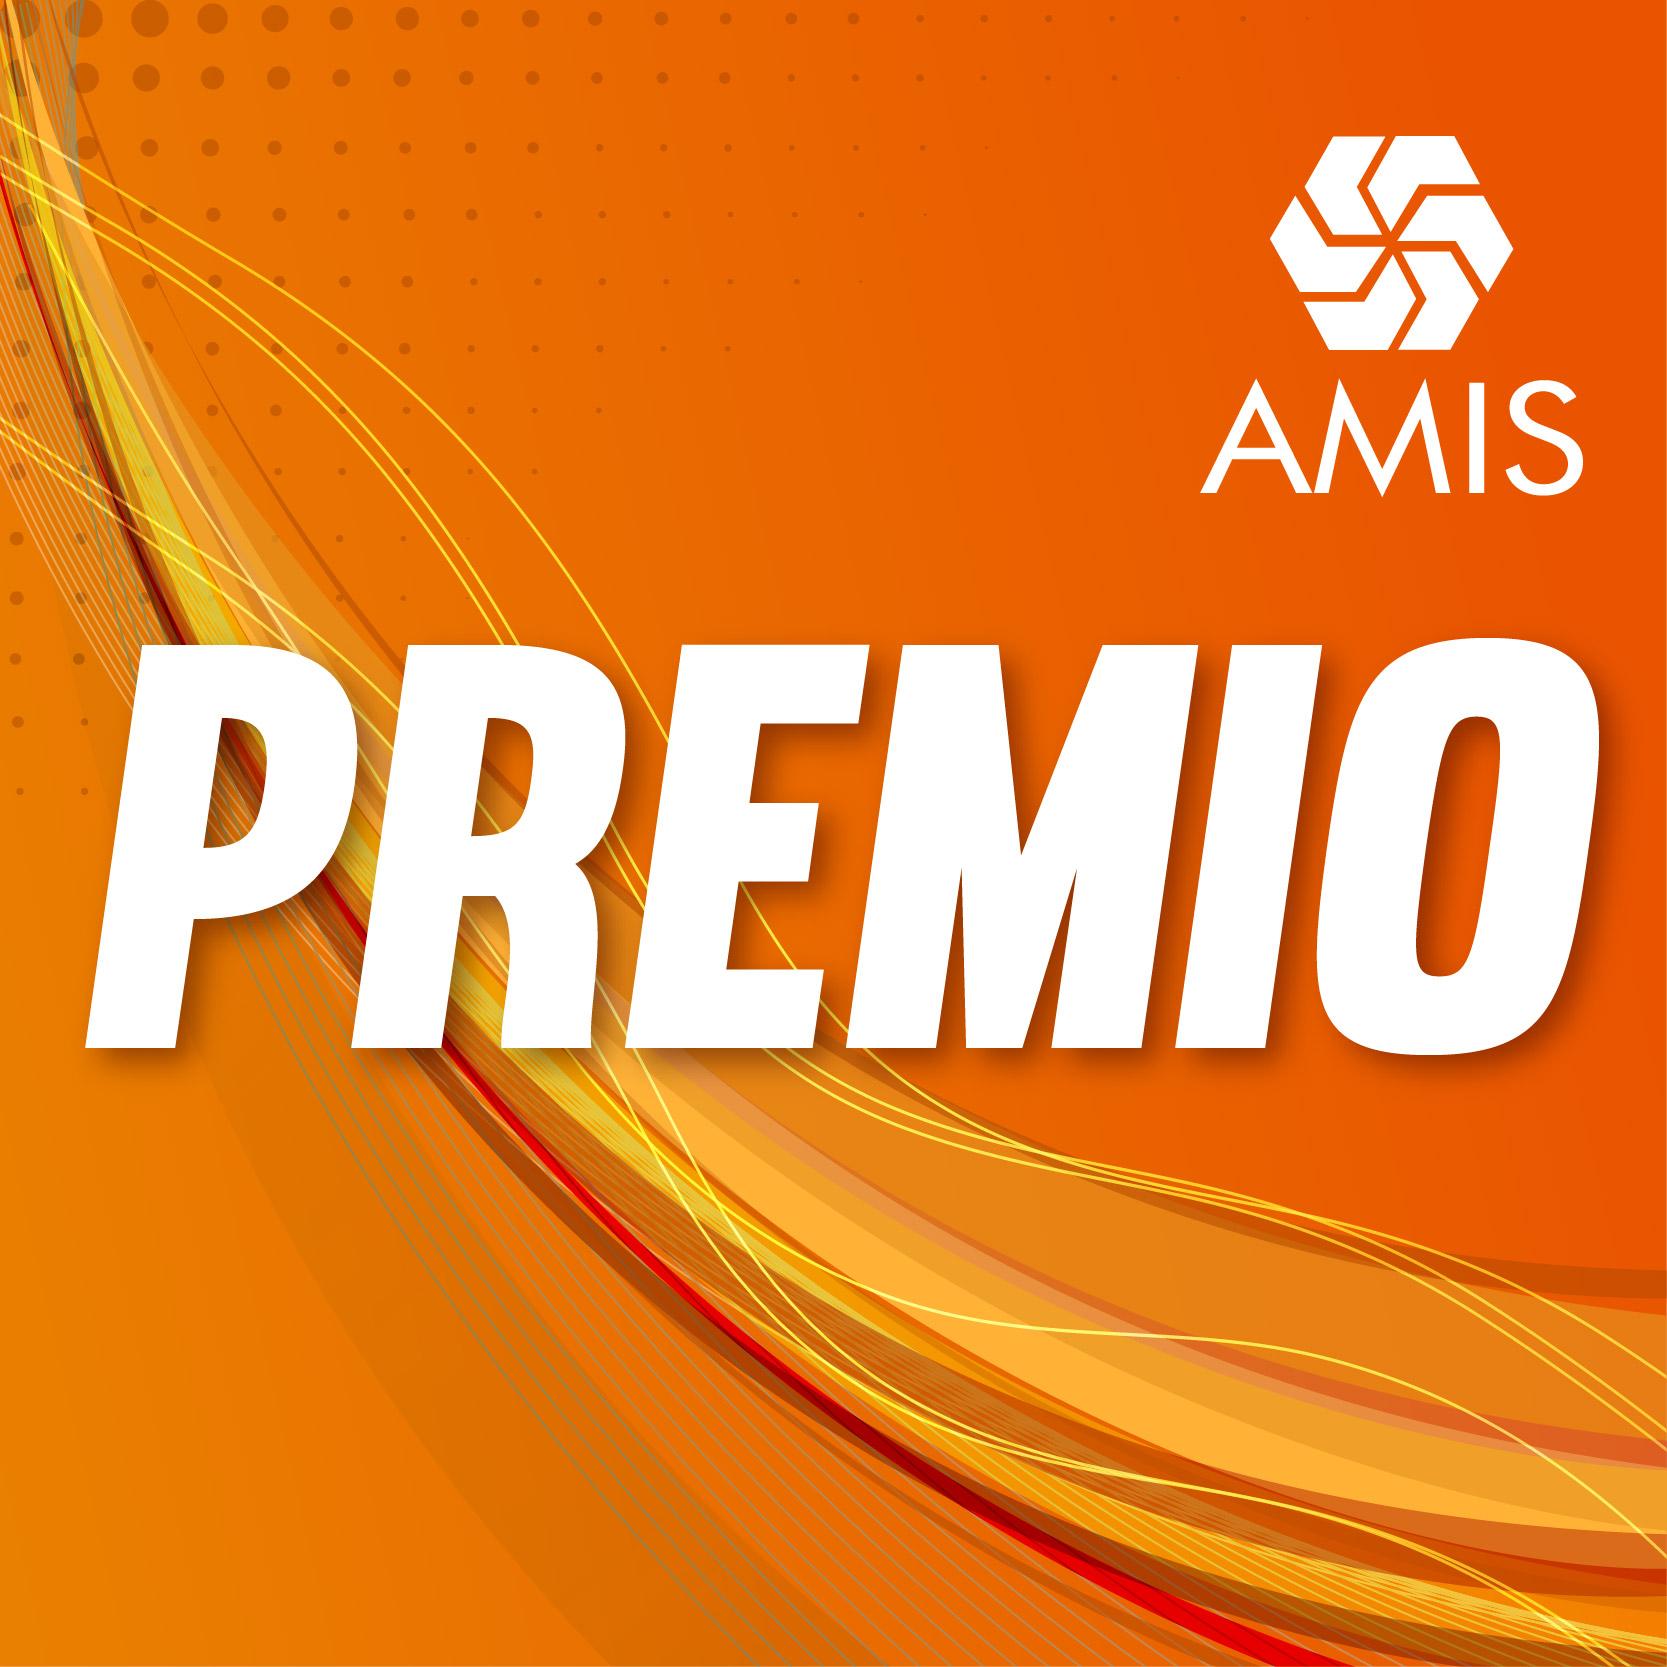 premio-amis-01